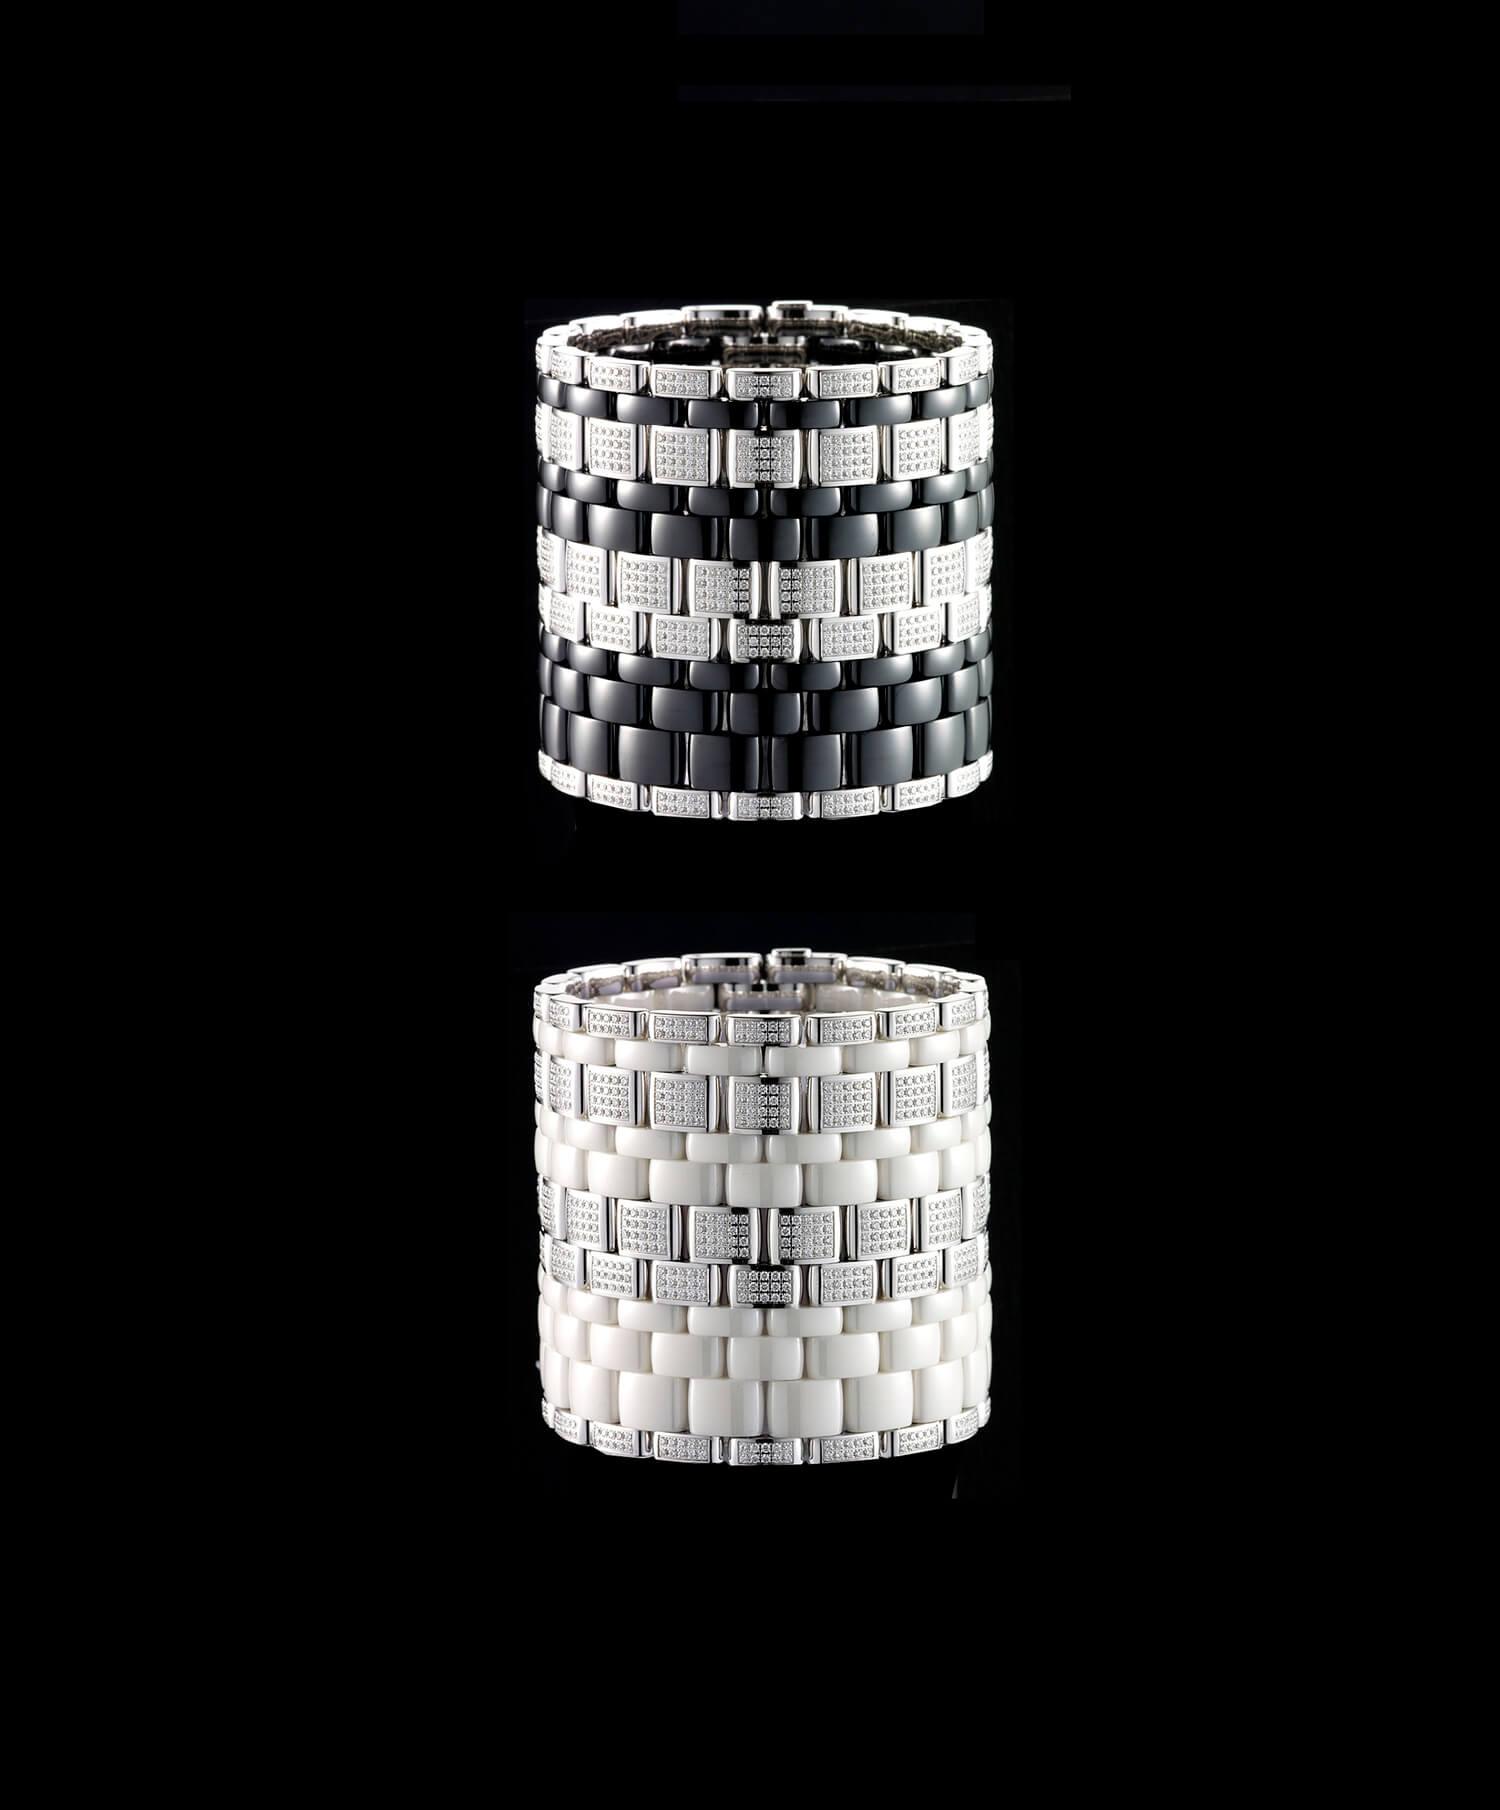 Les bracelets Chanel Ultra photographié par Jean-jacques Pallot, direction atistique de la photo IchetKar